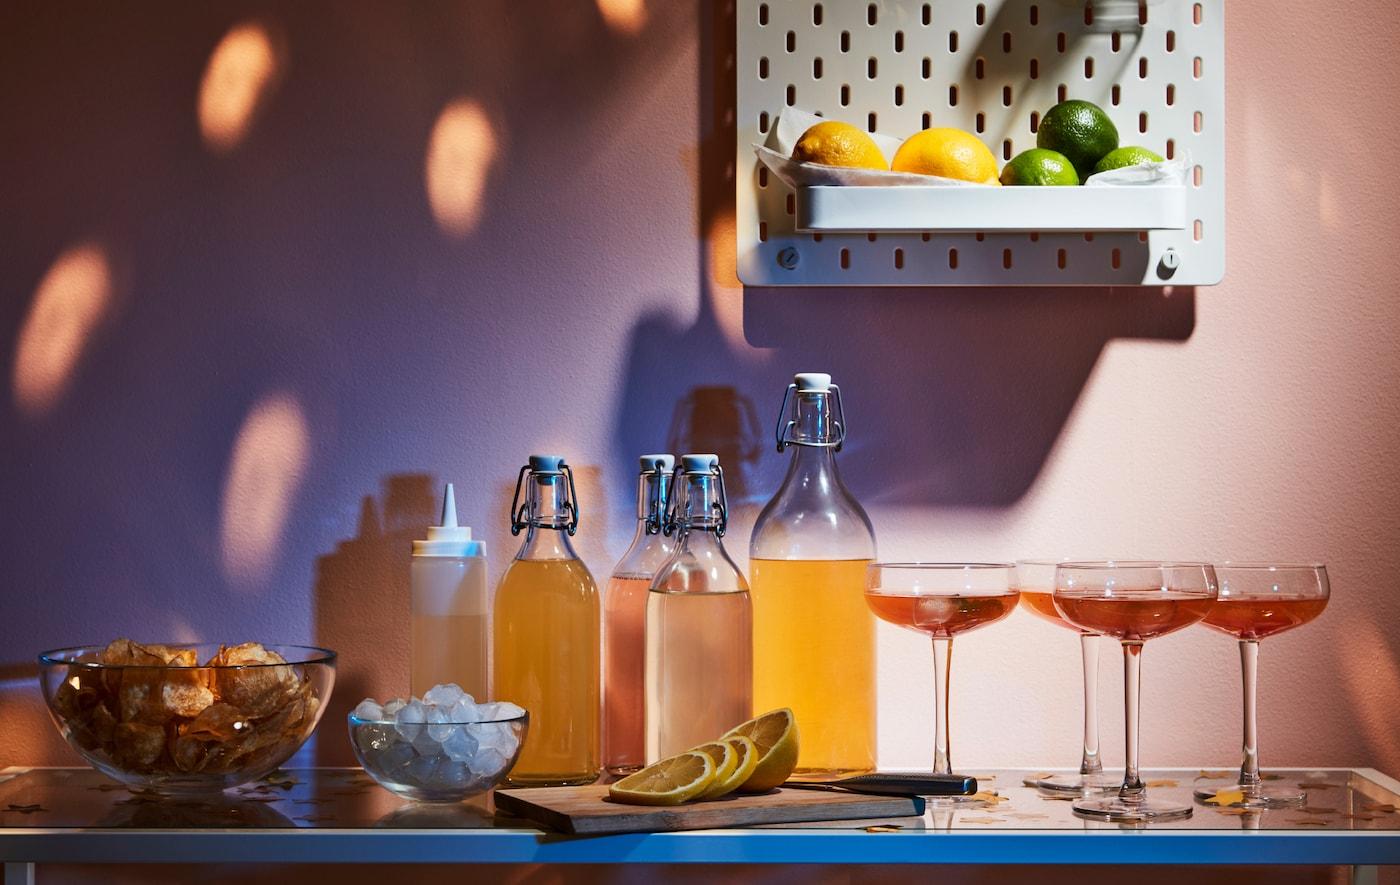 Drankjes, glazen en accessoires uitgestald op een bijzettafel. Erboven, tegen de muur liggen citroenen en limoenen op een SKÅDIS gaatjesbord.